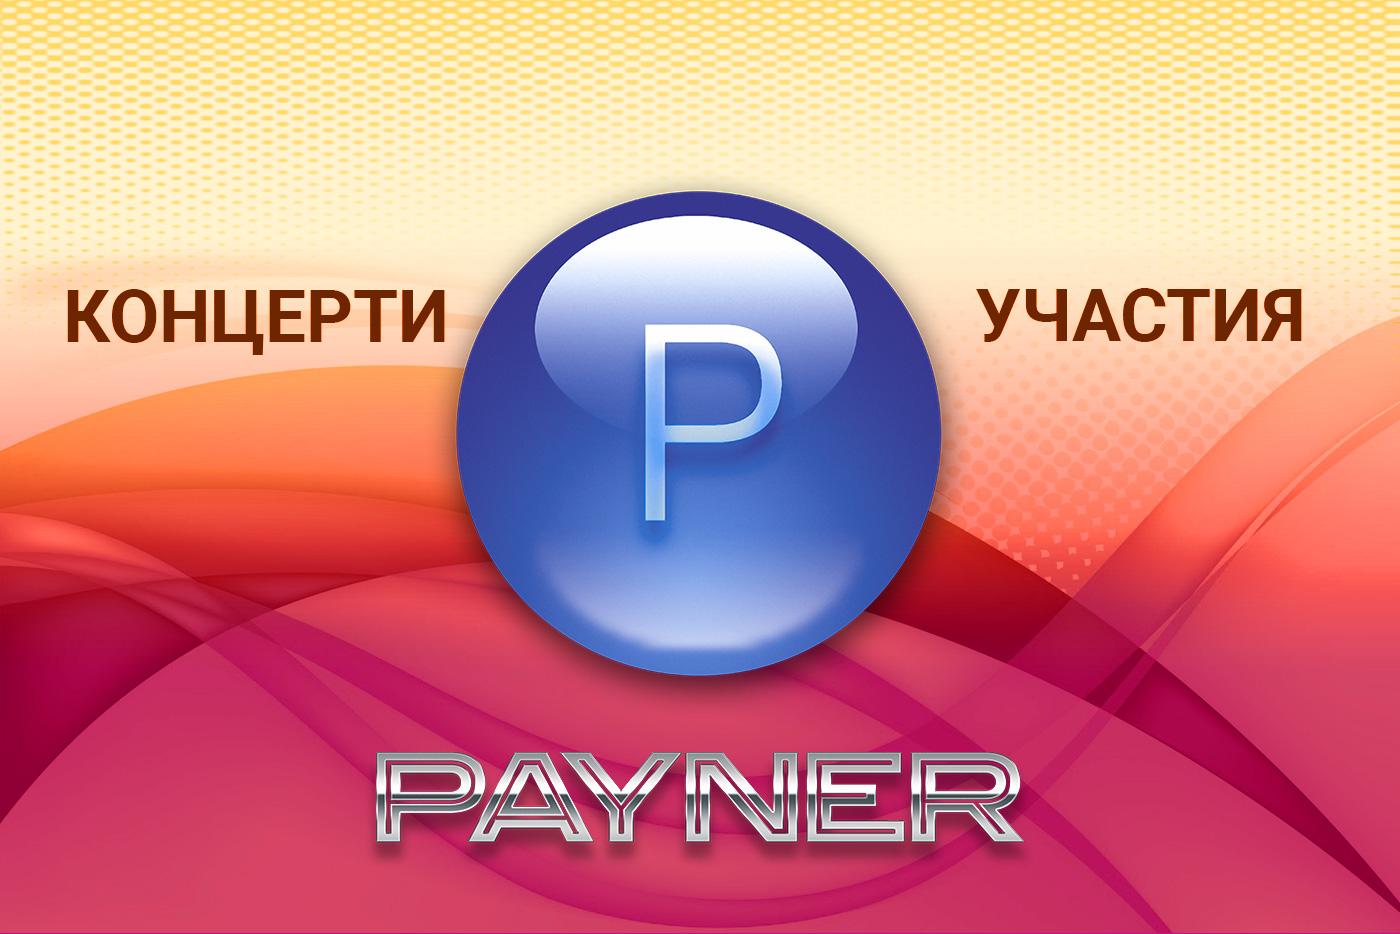 """Участия на звездите на """"Пайнер"""" на 15.06.2019"""